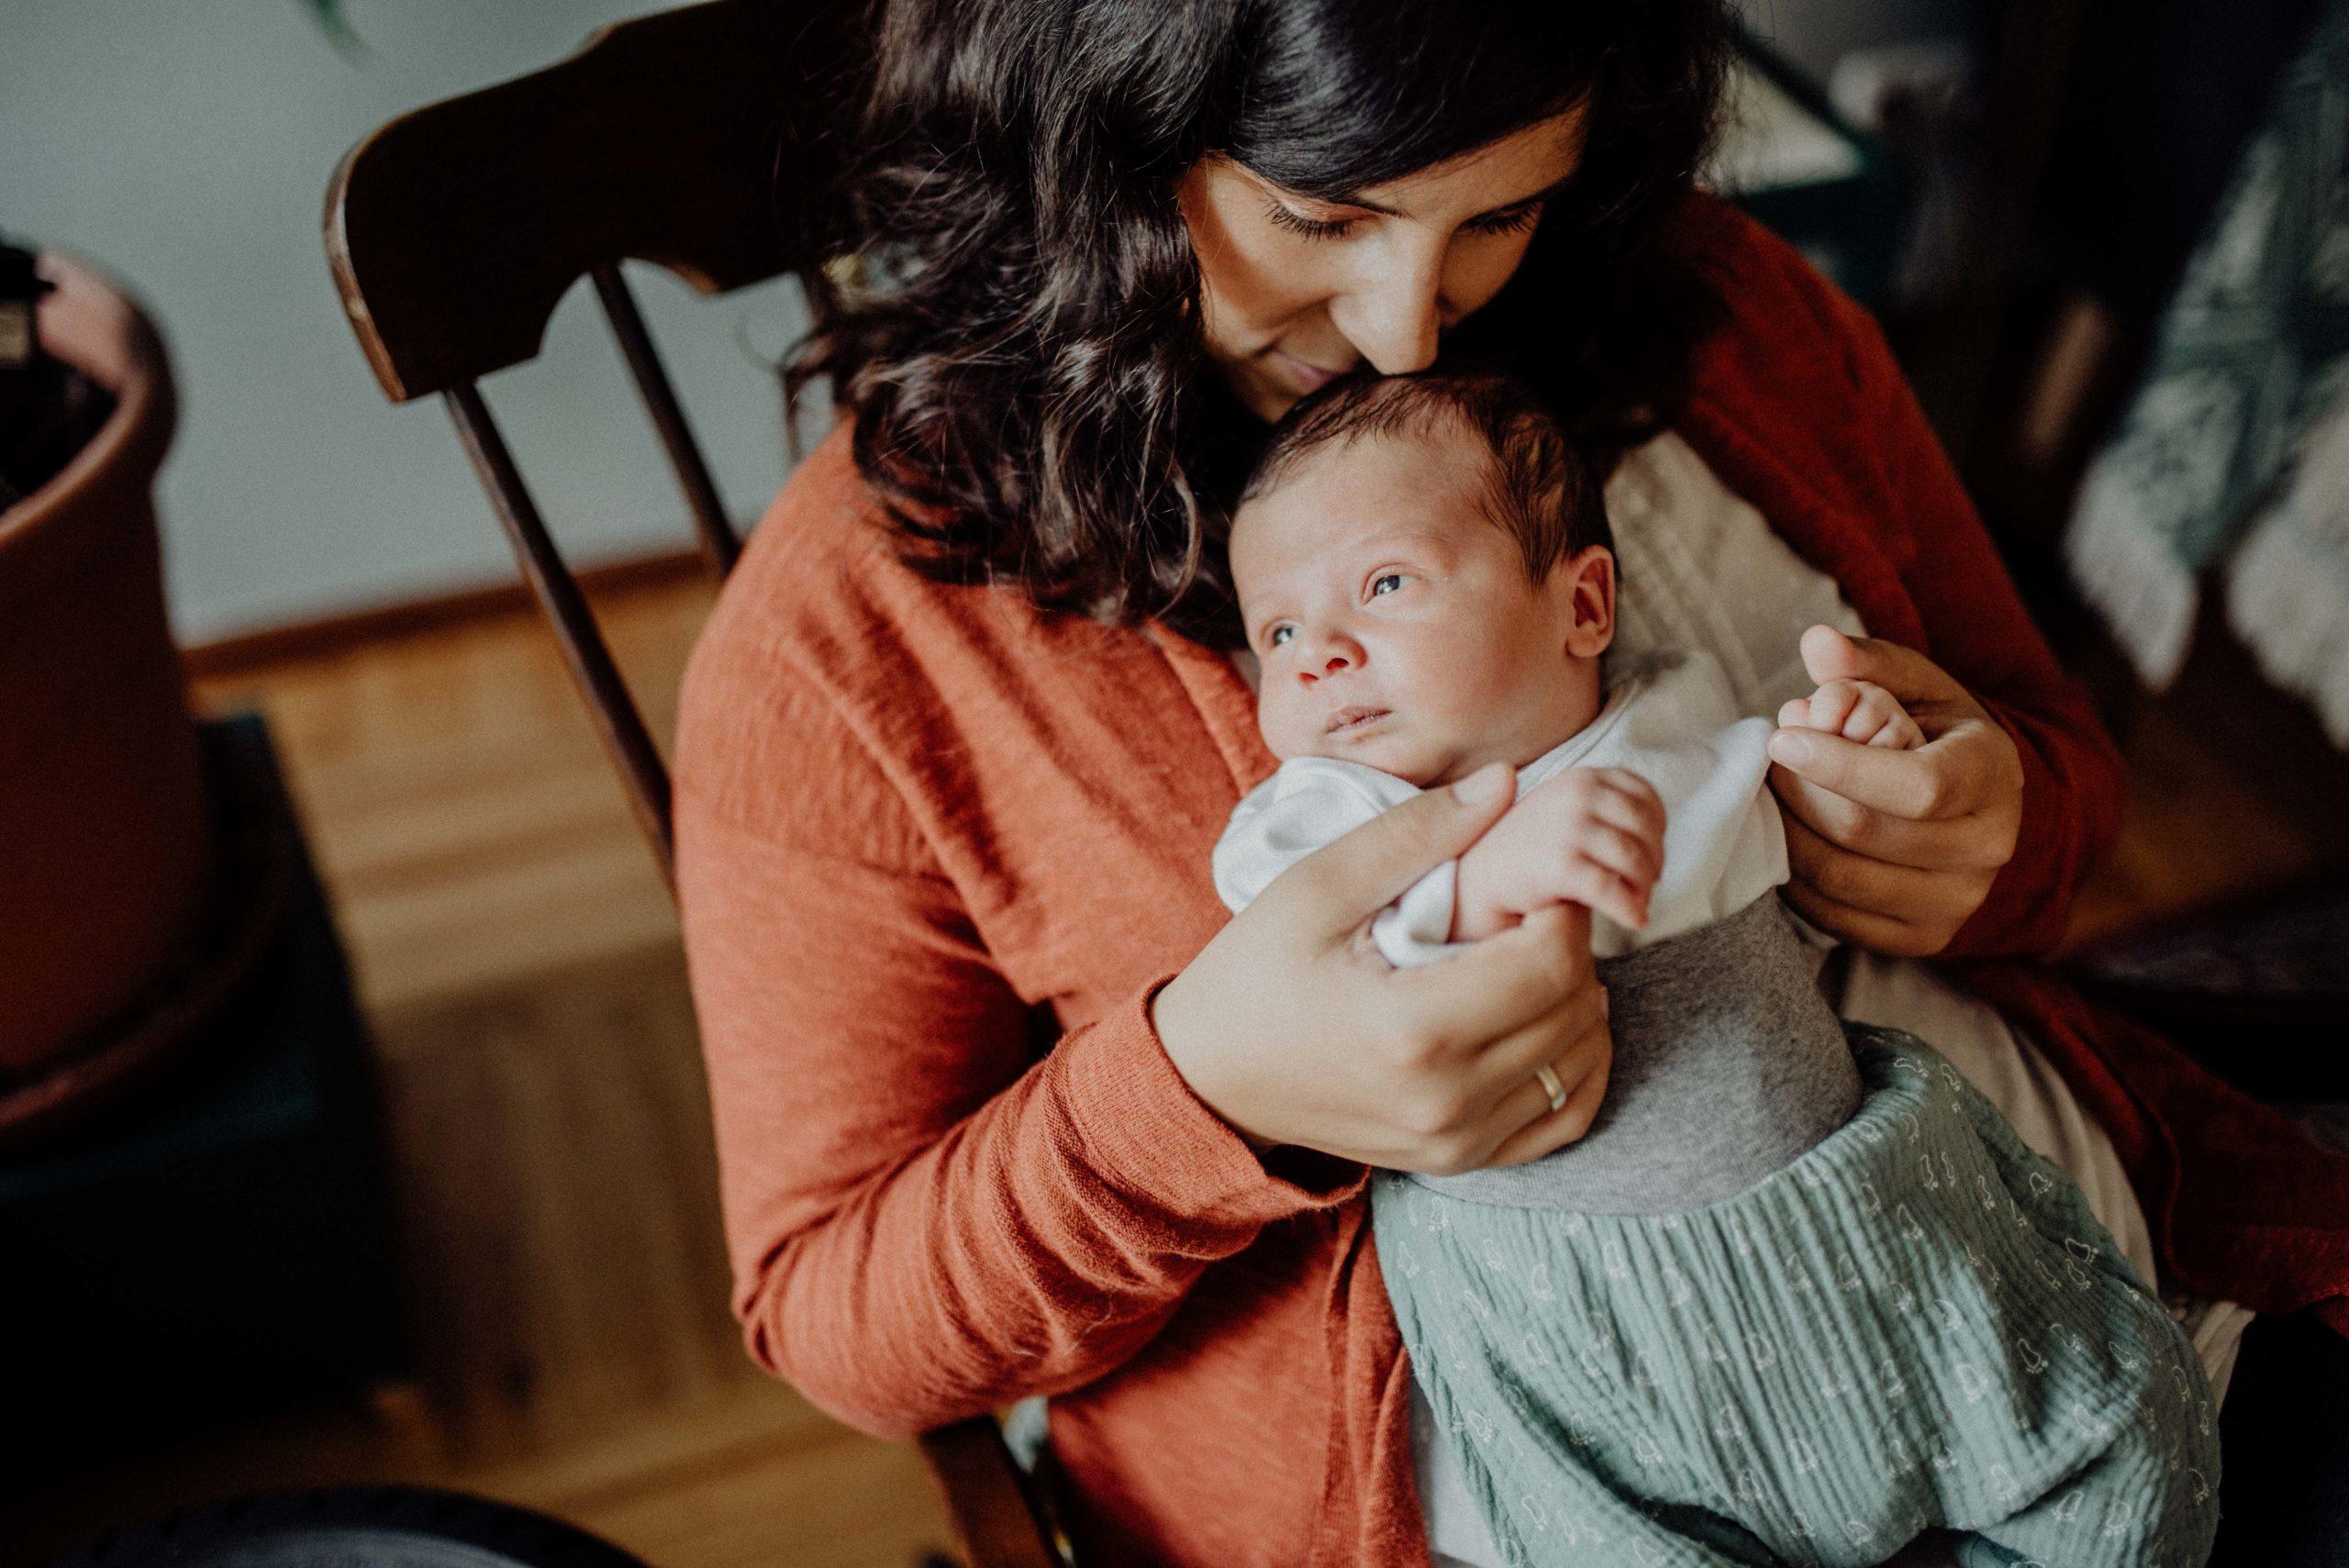 029-Witten-Homestory-Homesession-Newborn-Baby-Fotoshooting